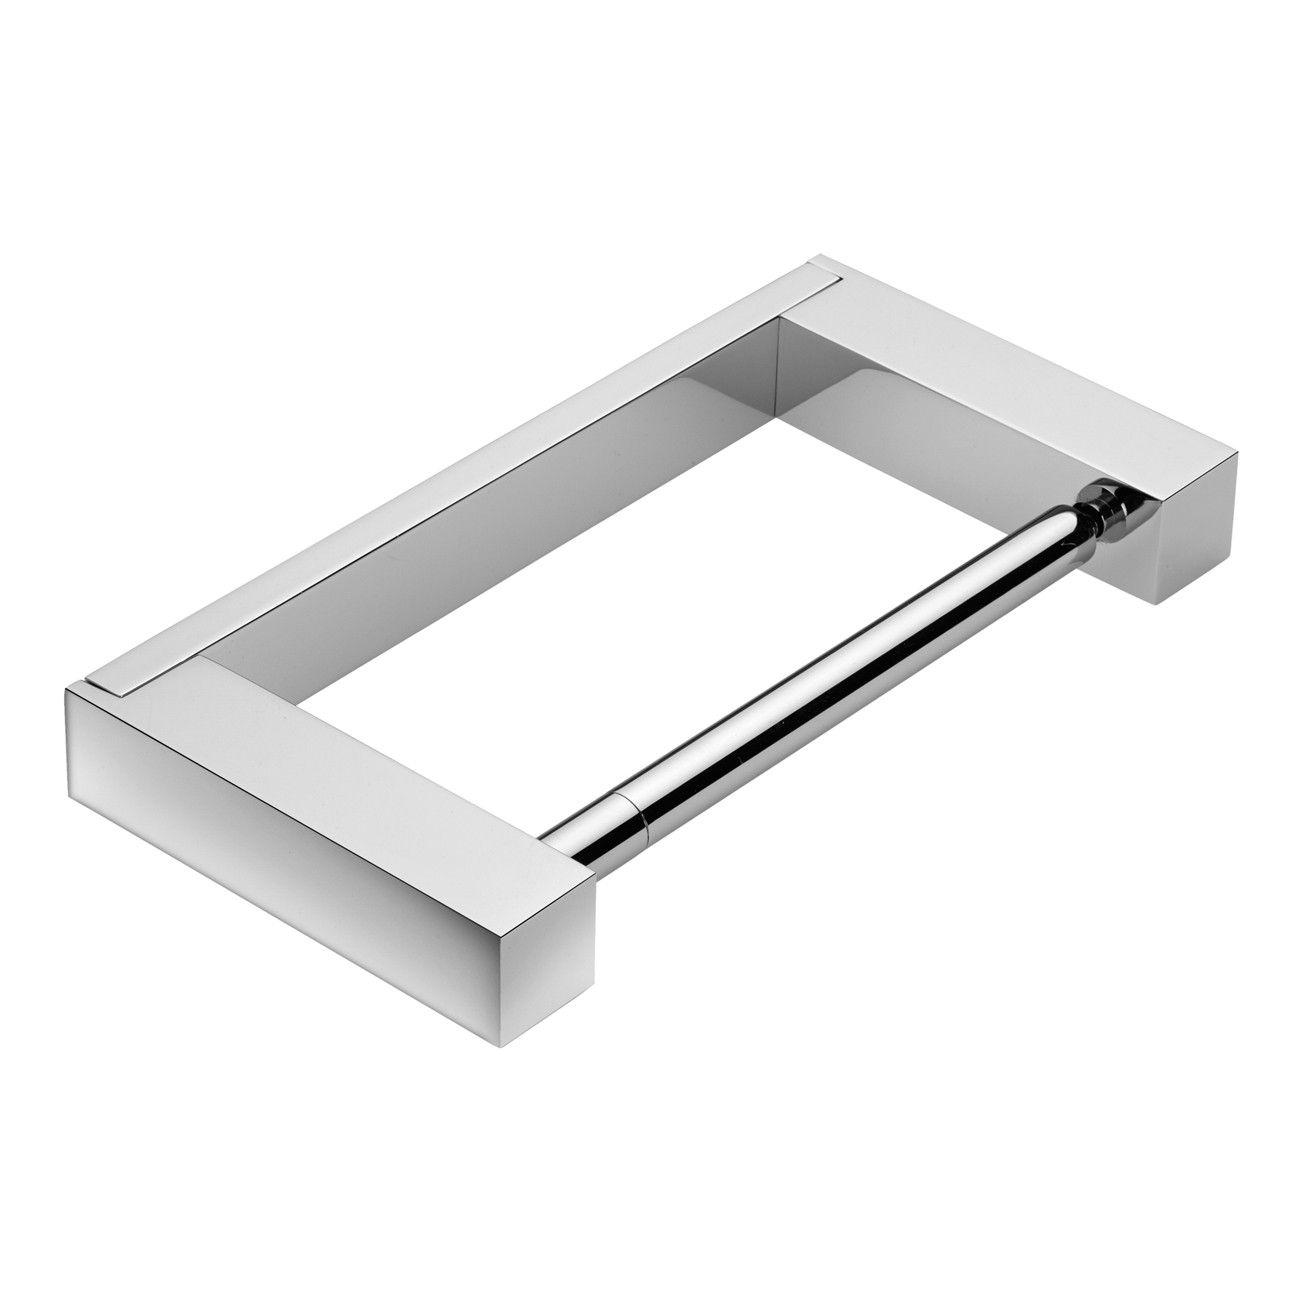 Cosmic Bathlife Paper Holder Designer Bathroom Accessories